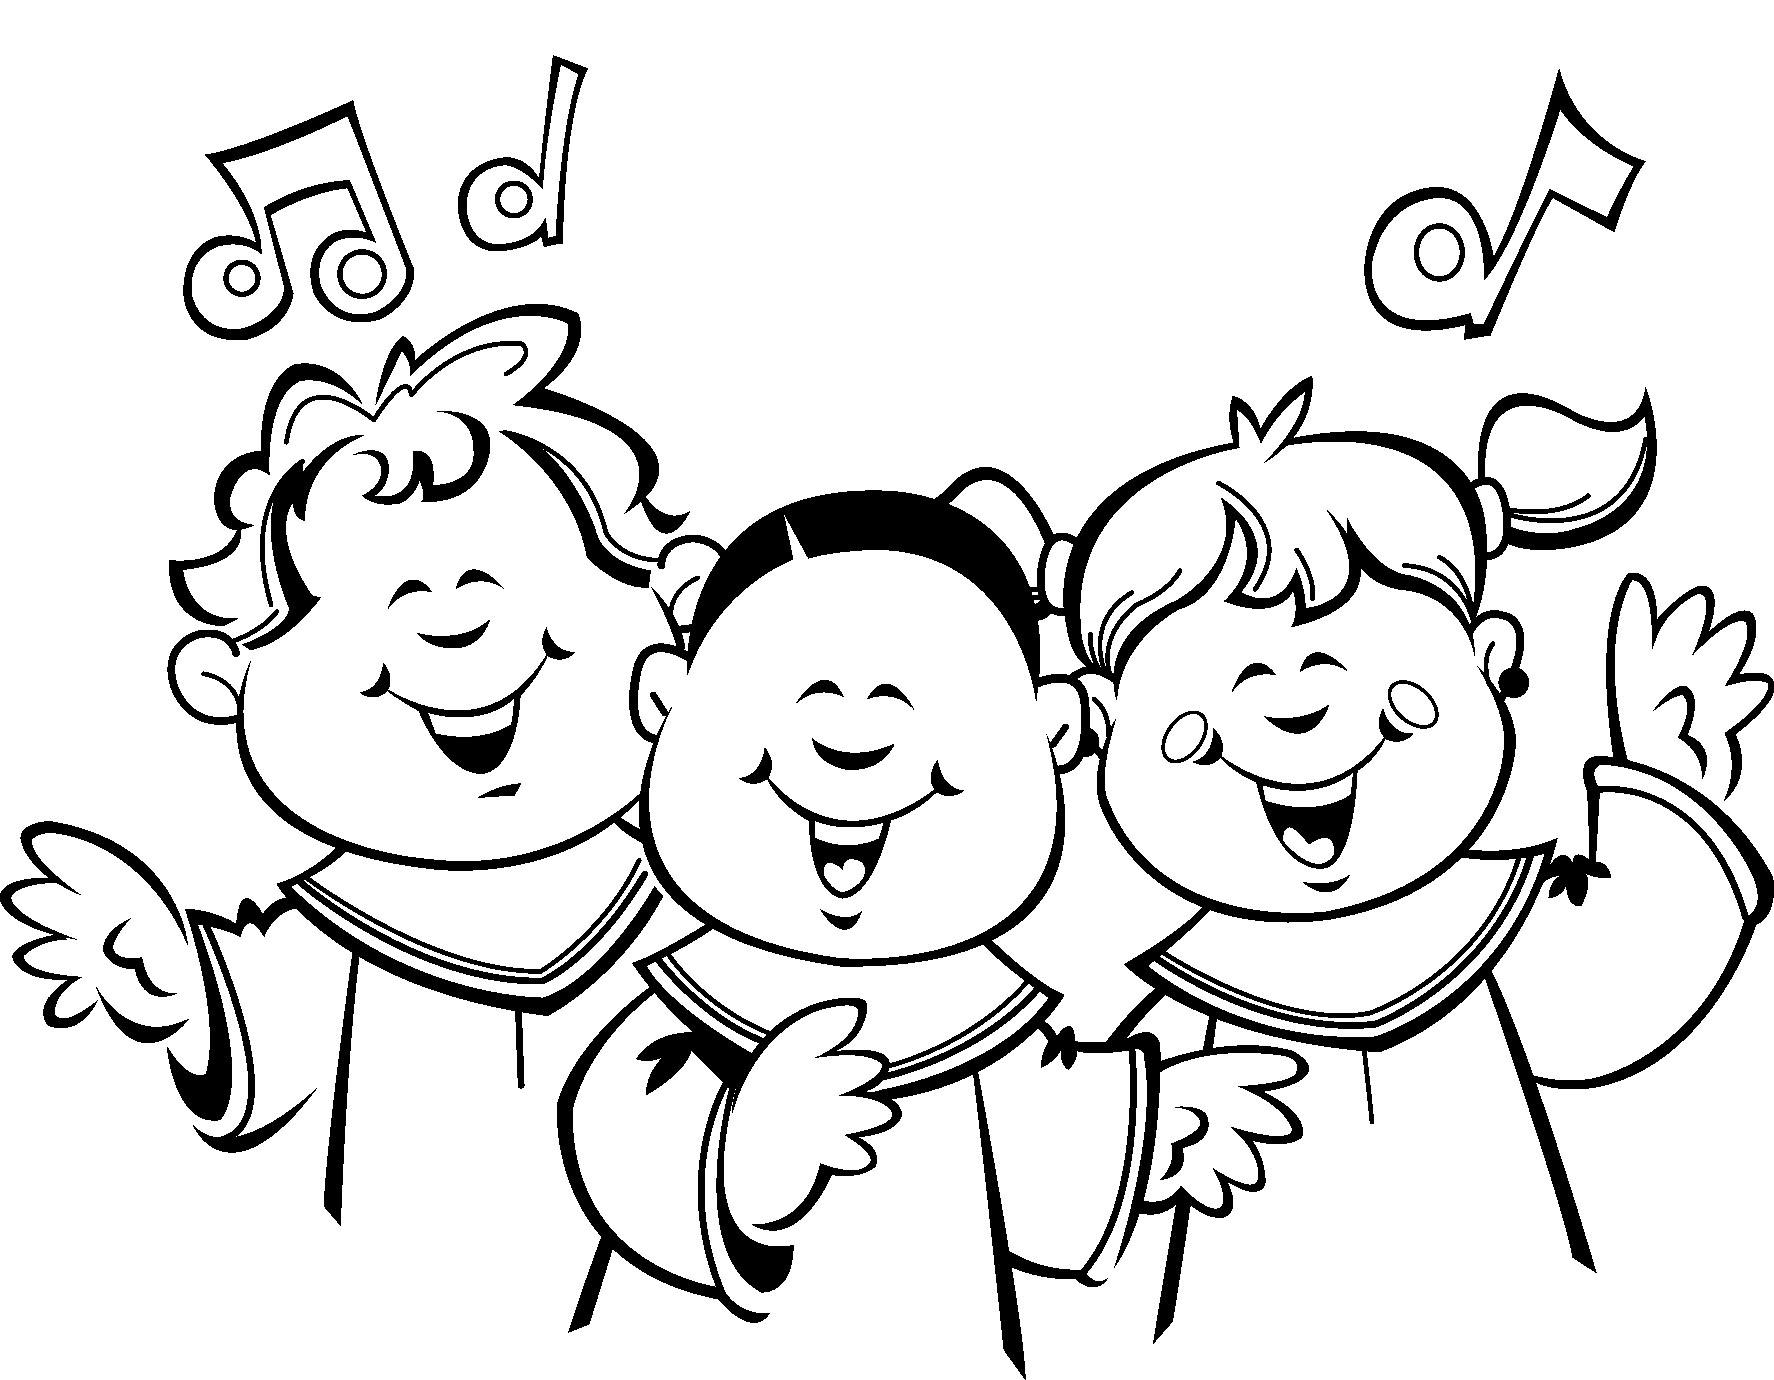 0 Image About Church Choir Clip Art On Choirs 3